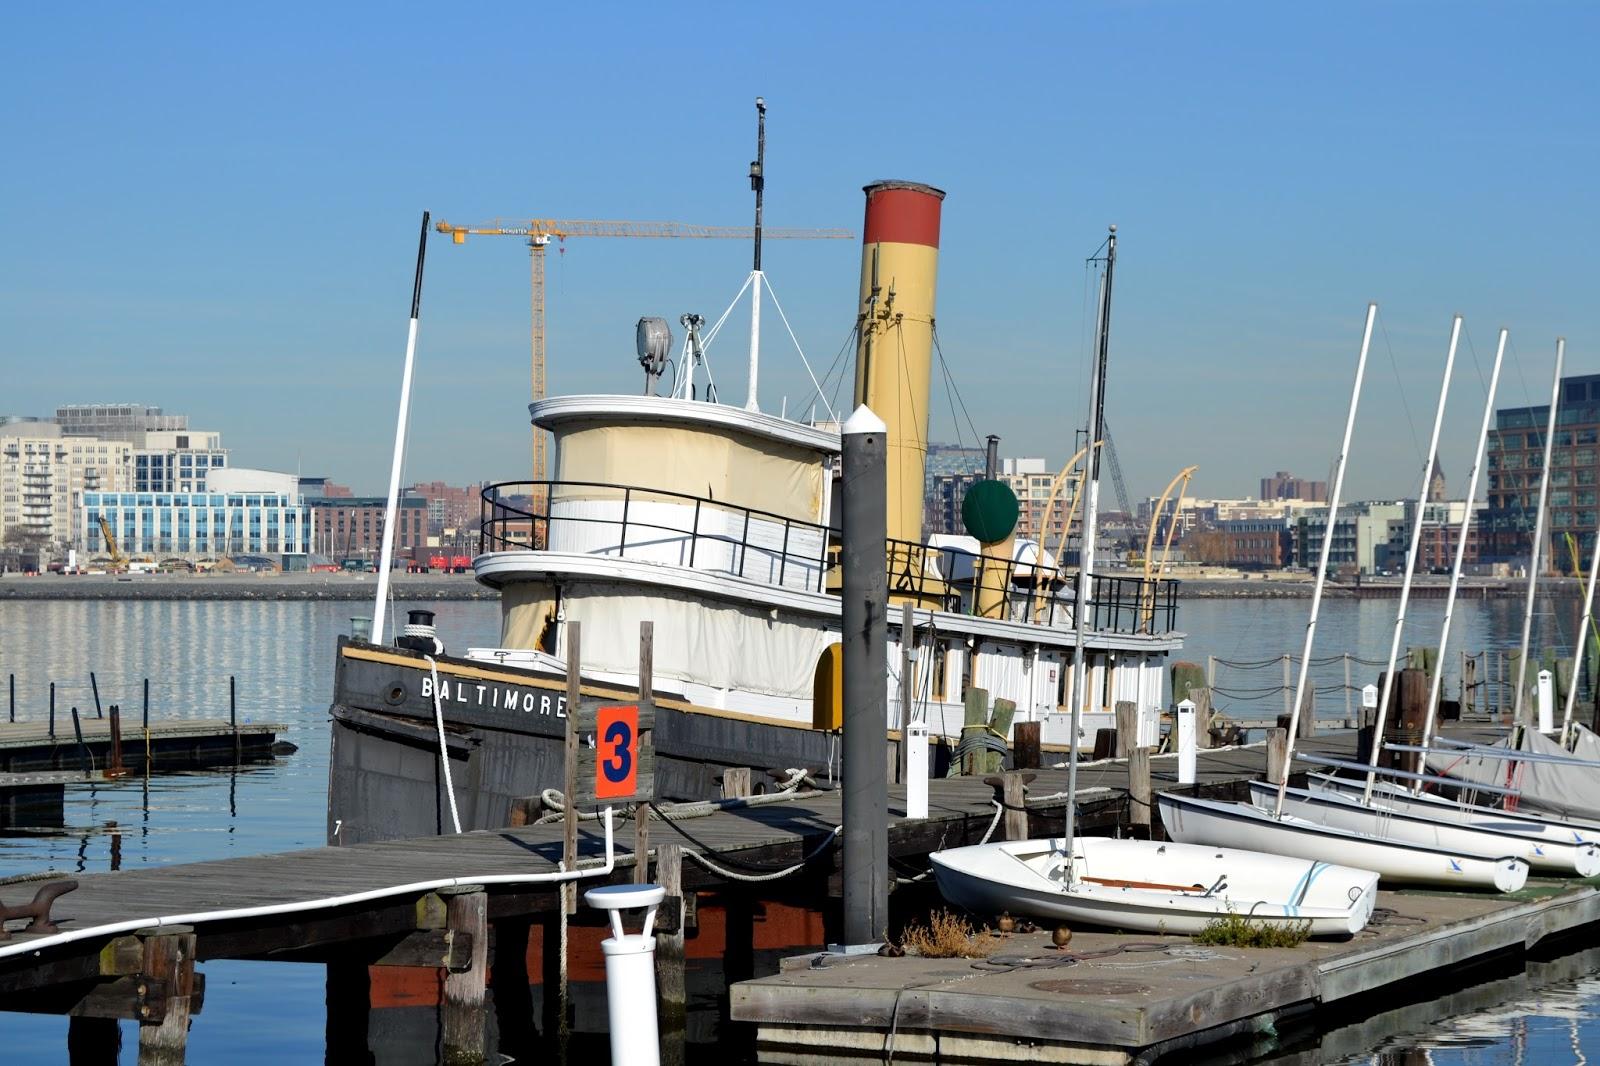 Балтиморский музей промышленности, Балтимор, Мэриленд (The Baltimore Museum of Industry)